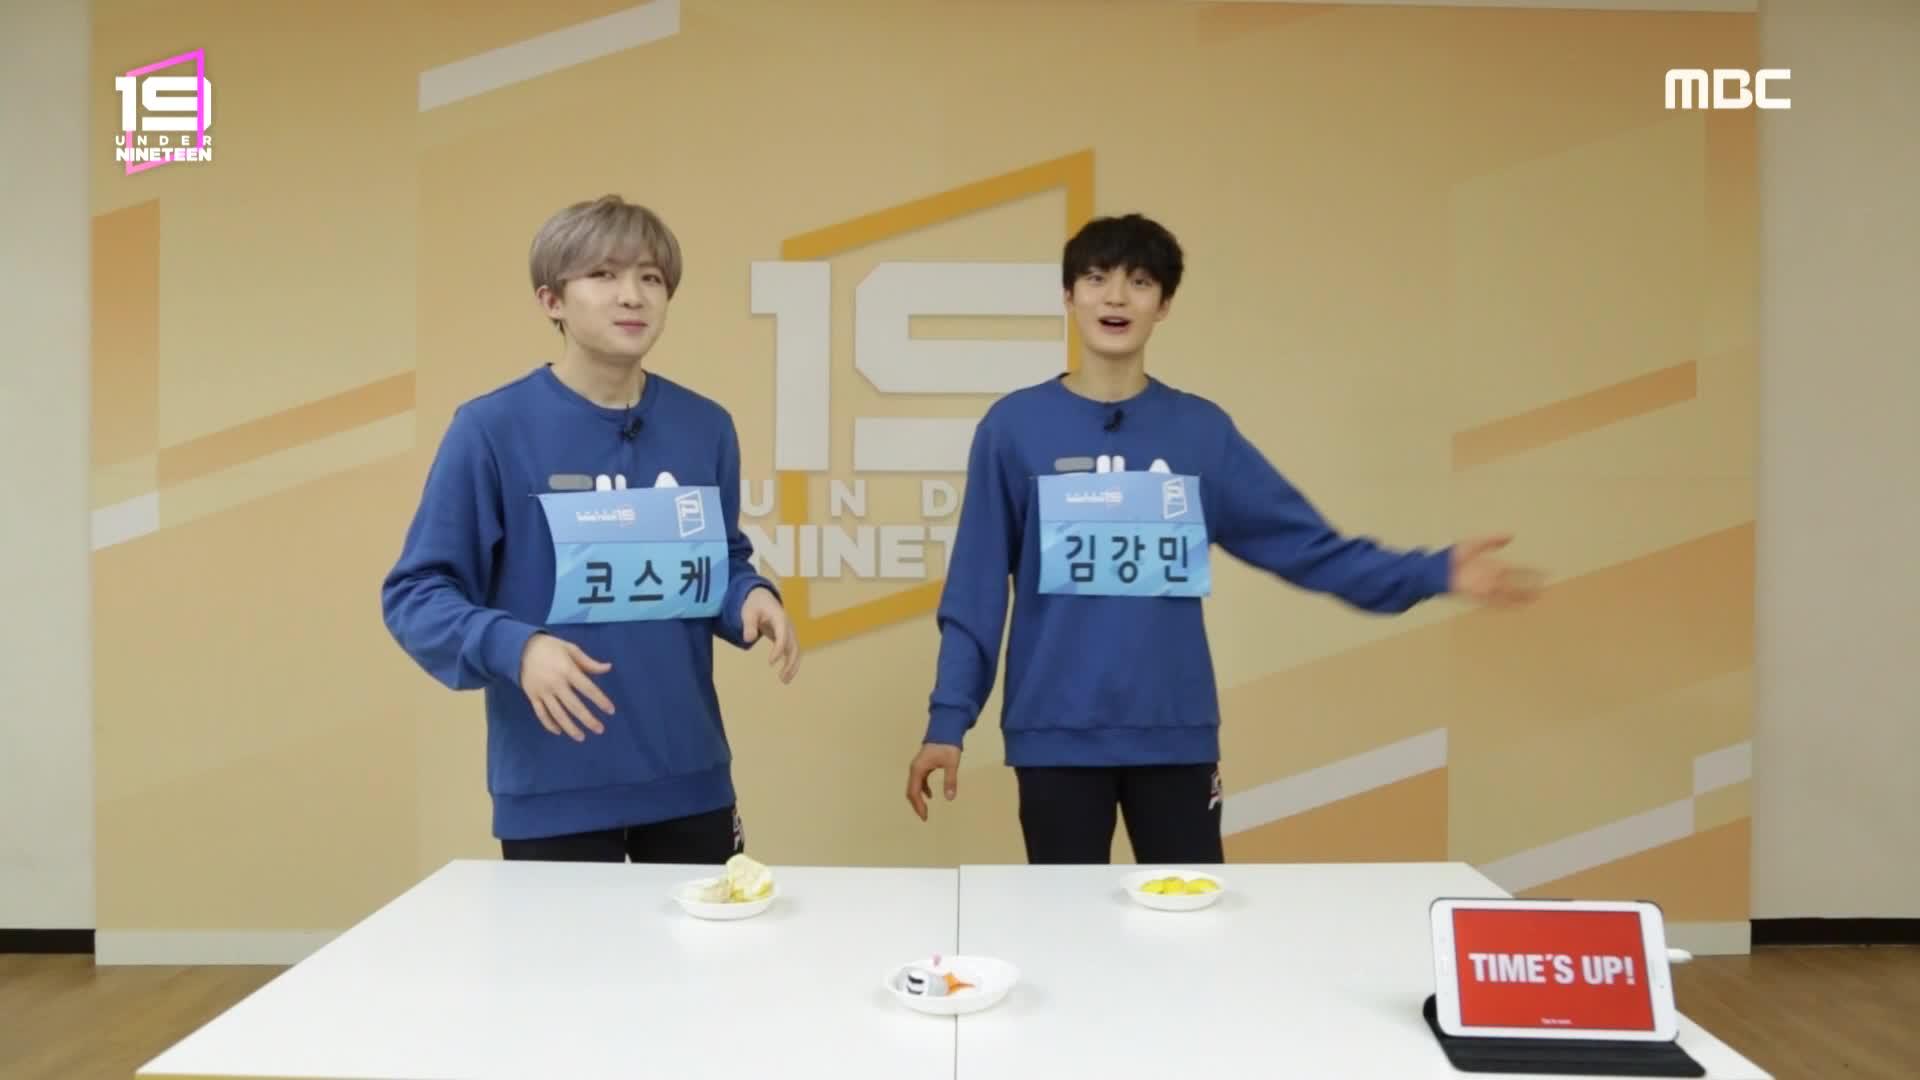 [19 스페셜] 레몬 먹기 대결 | 코스케 VS 김강민